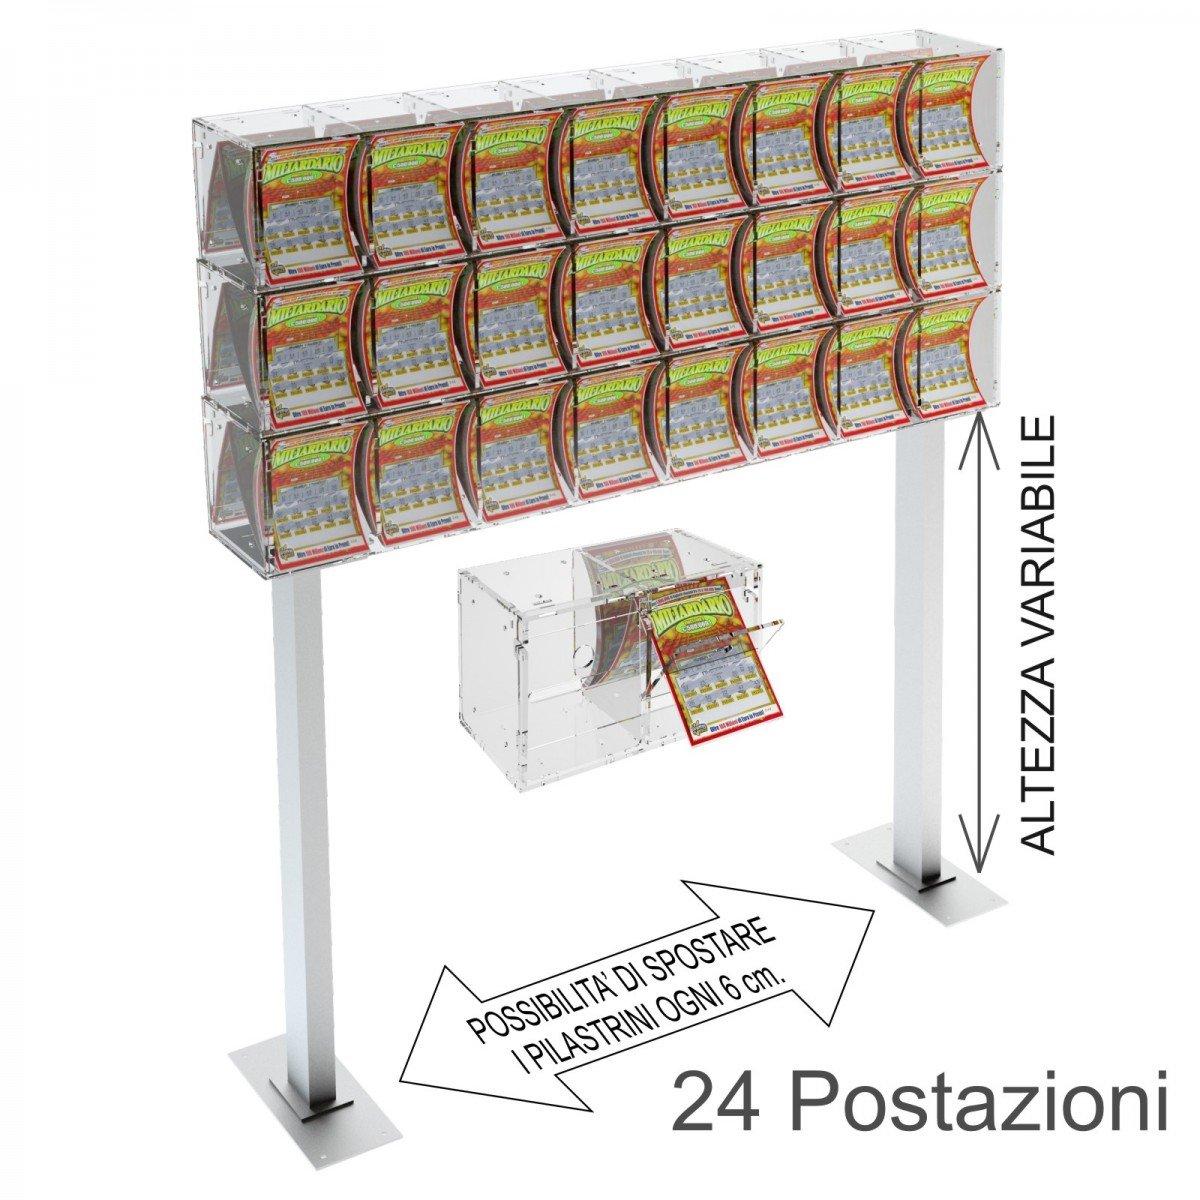 Espositore gratta e vinci da banco in plexiglass trasparente a 24 contenitori munito di sportellino frontale lato rivenditore